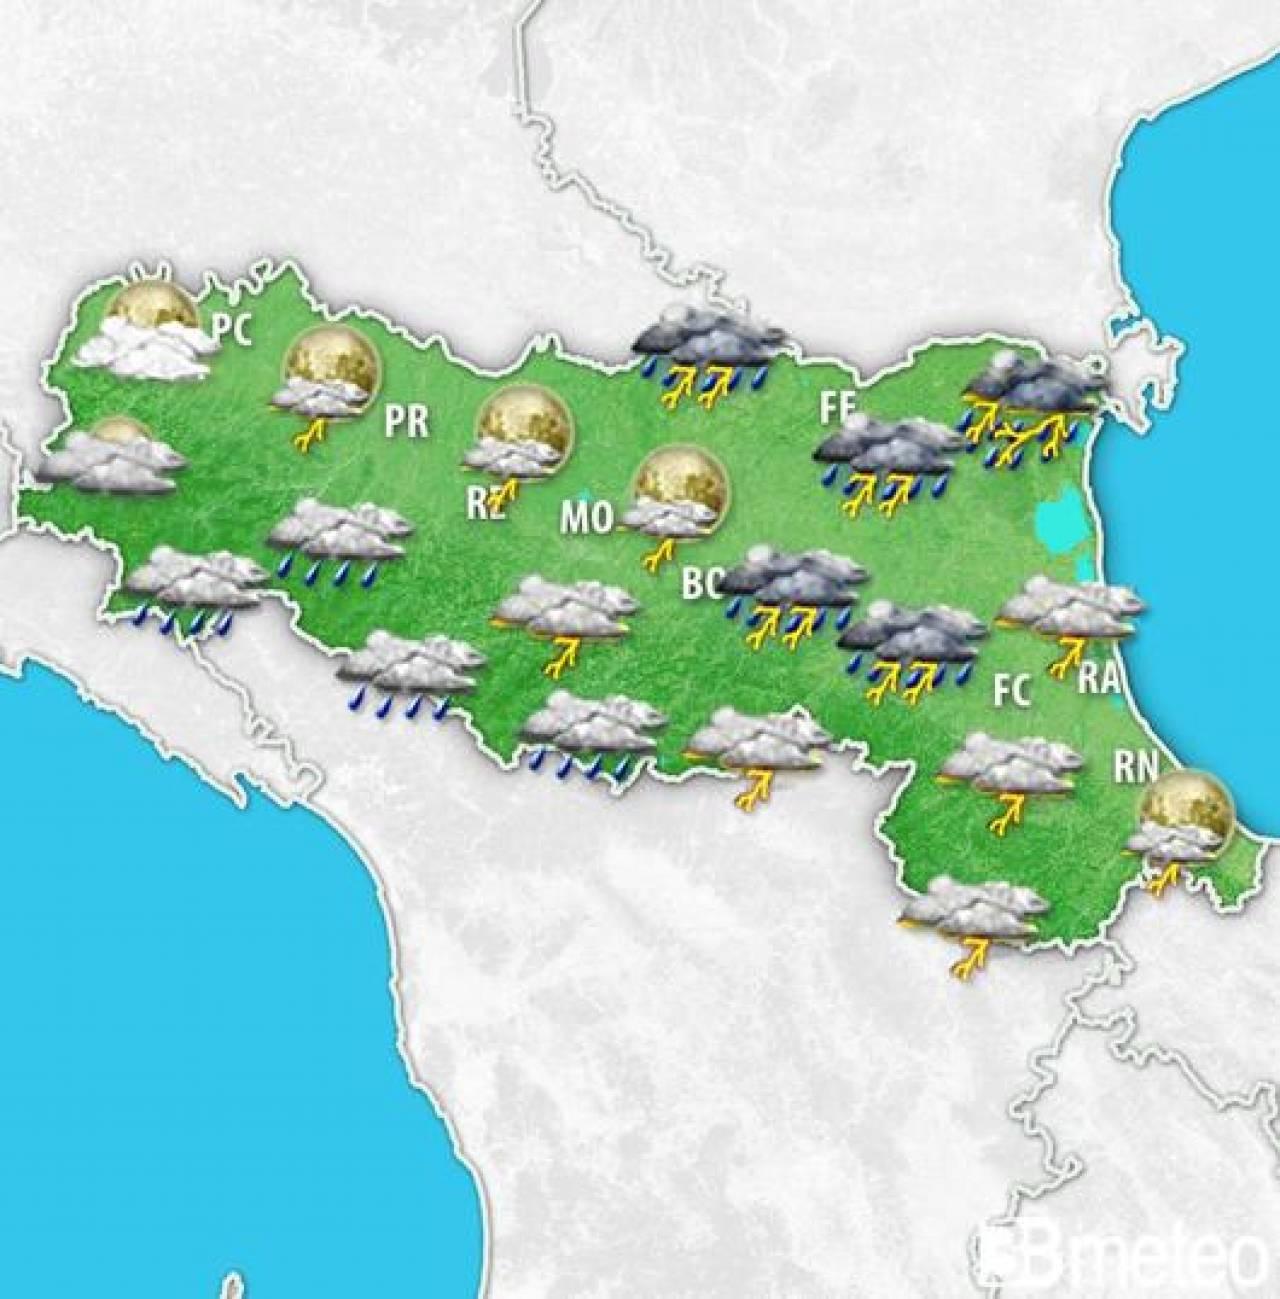 Ecco la situazione prevista sull'Emilia-Romagna nella serata di sabato 11 luglio.